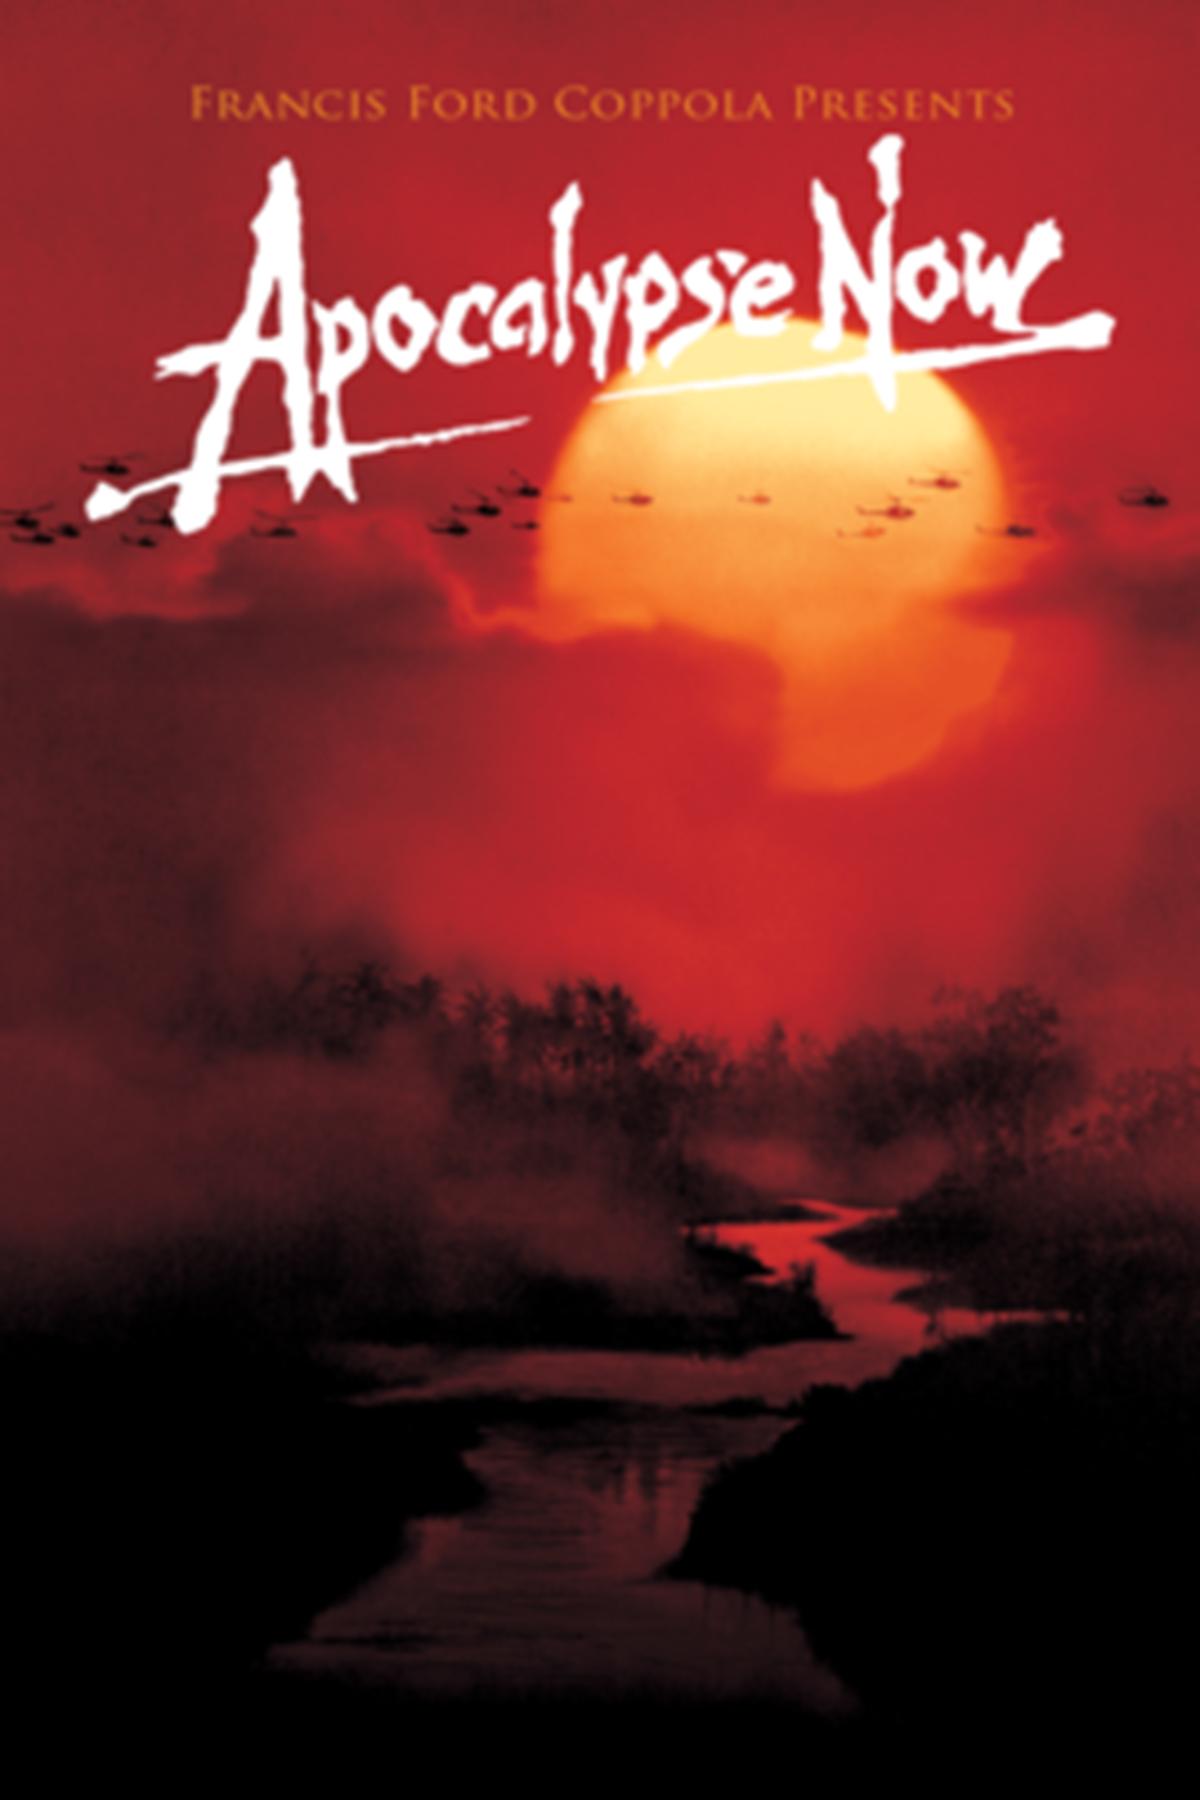 Apocalypse Now, crédit photo : DR